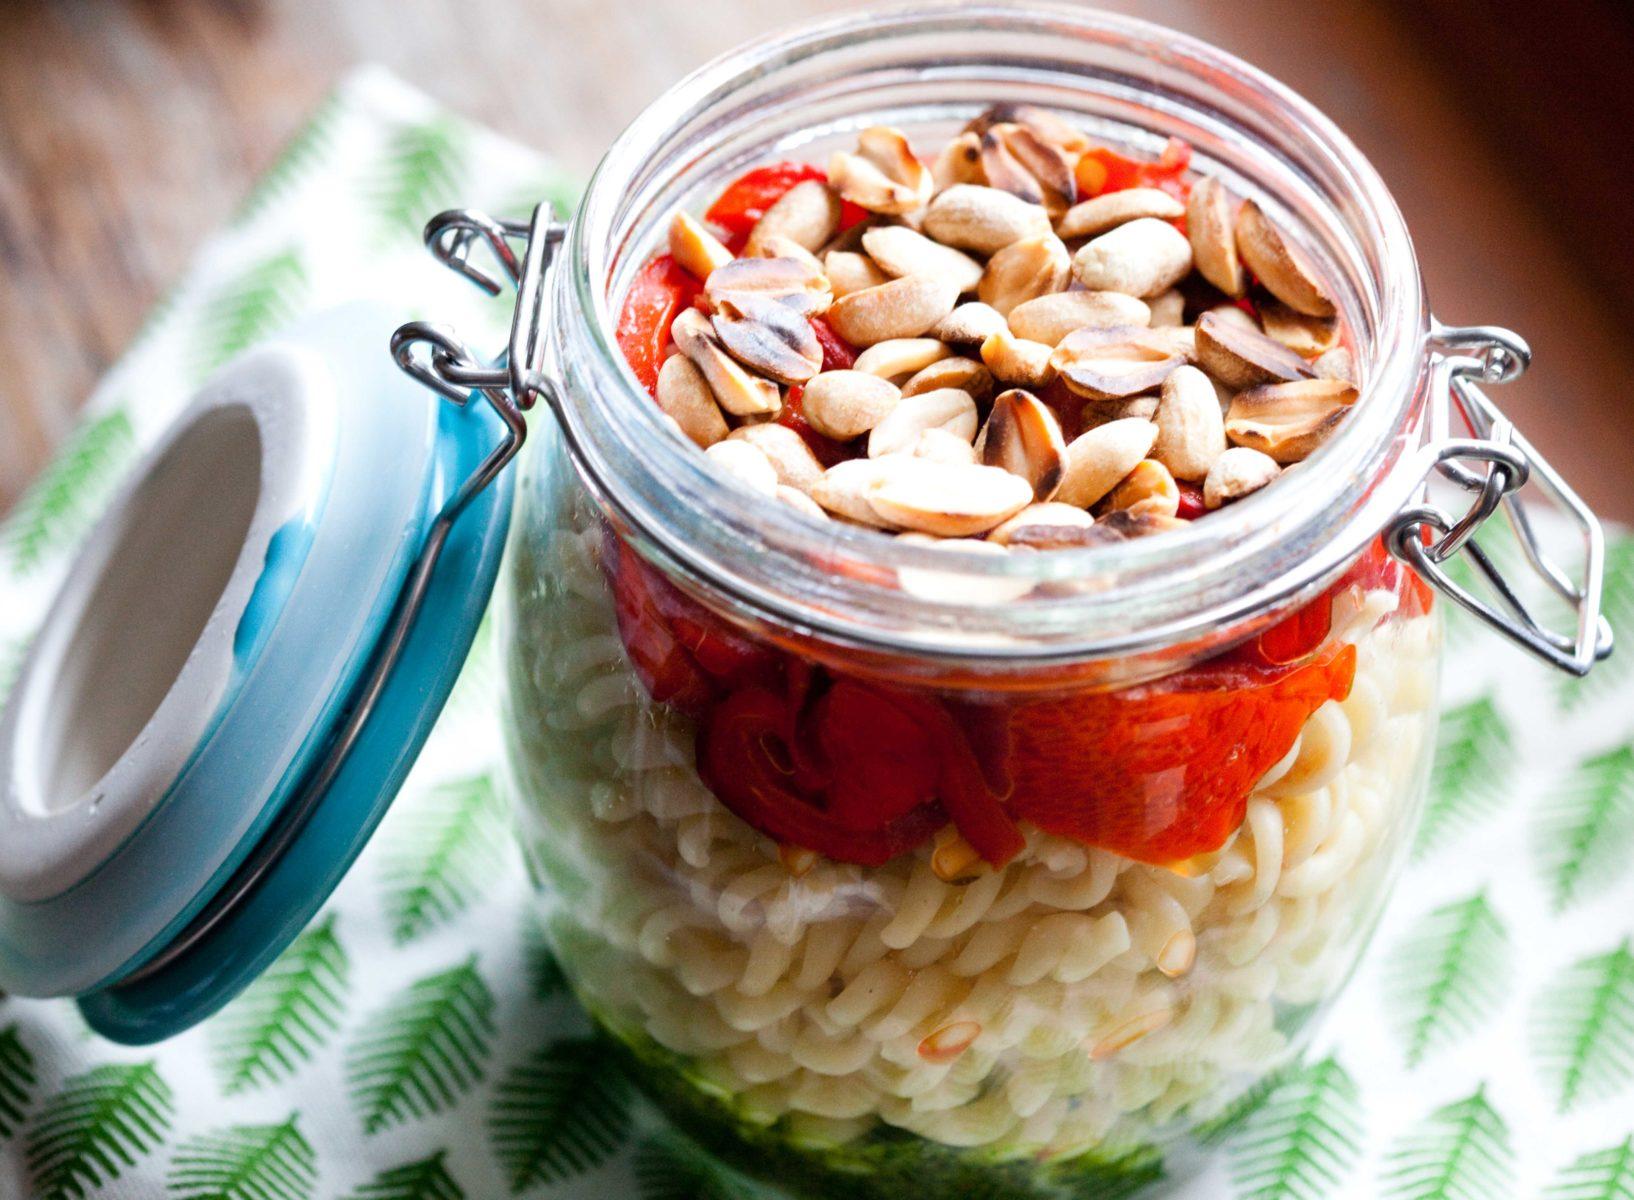 salatka-z-makaronem-papryka-pesto